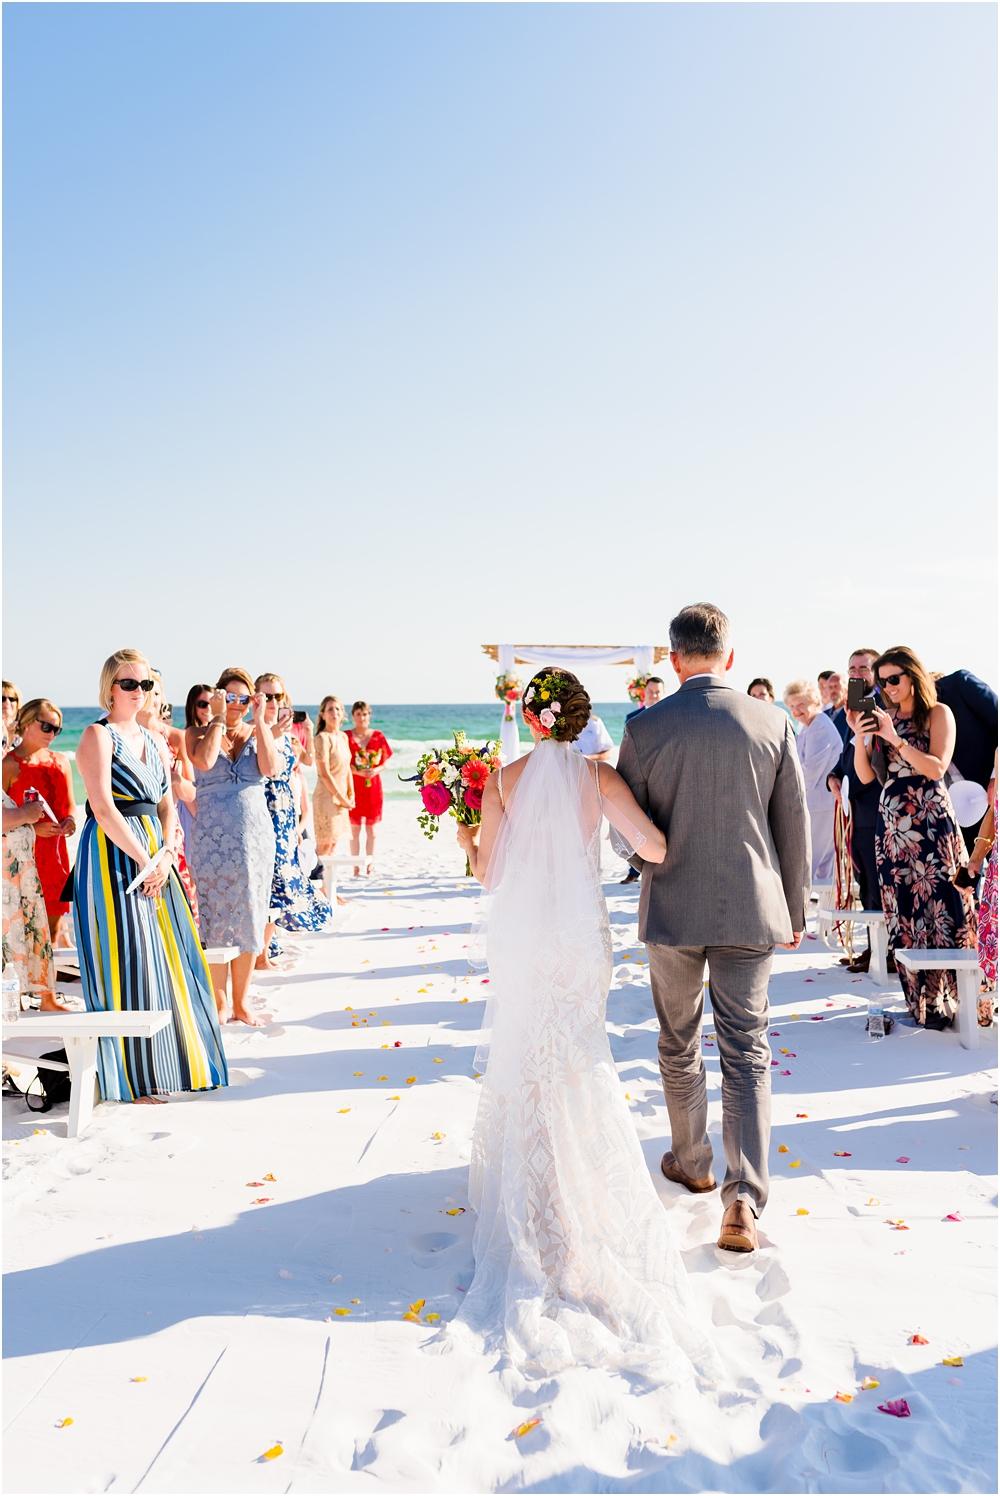 destin-sunquest-cruise-wedding-kiersten-stevenson-photography-38.jpg